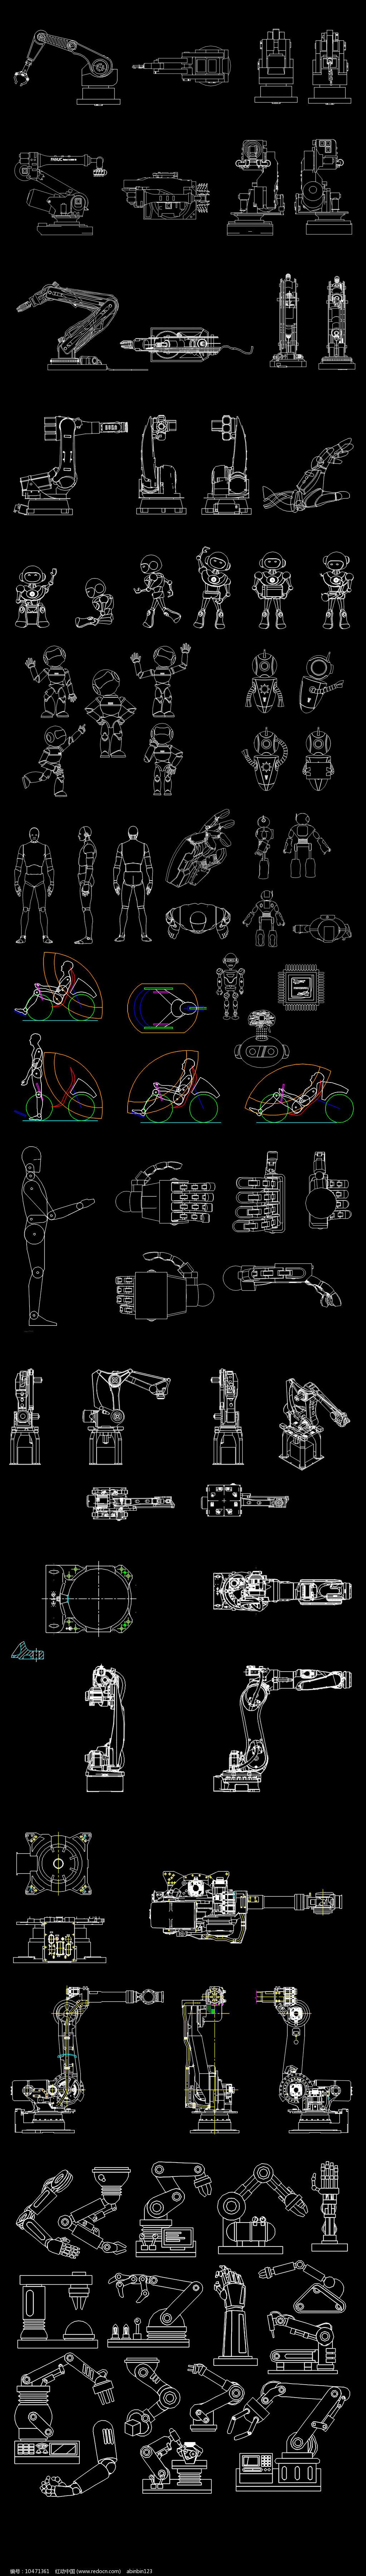 机器人CAD图纸图片